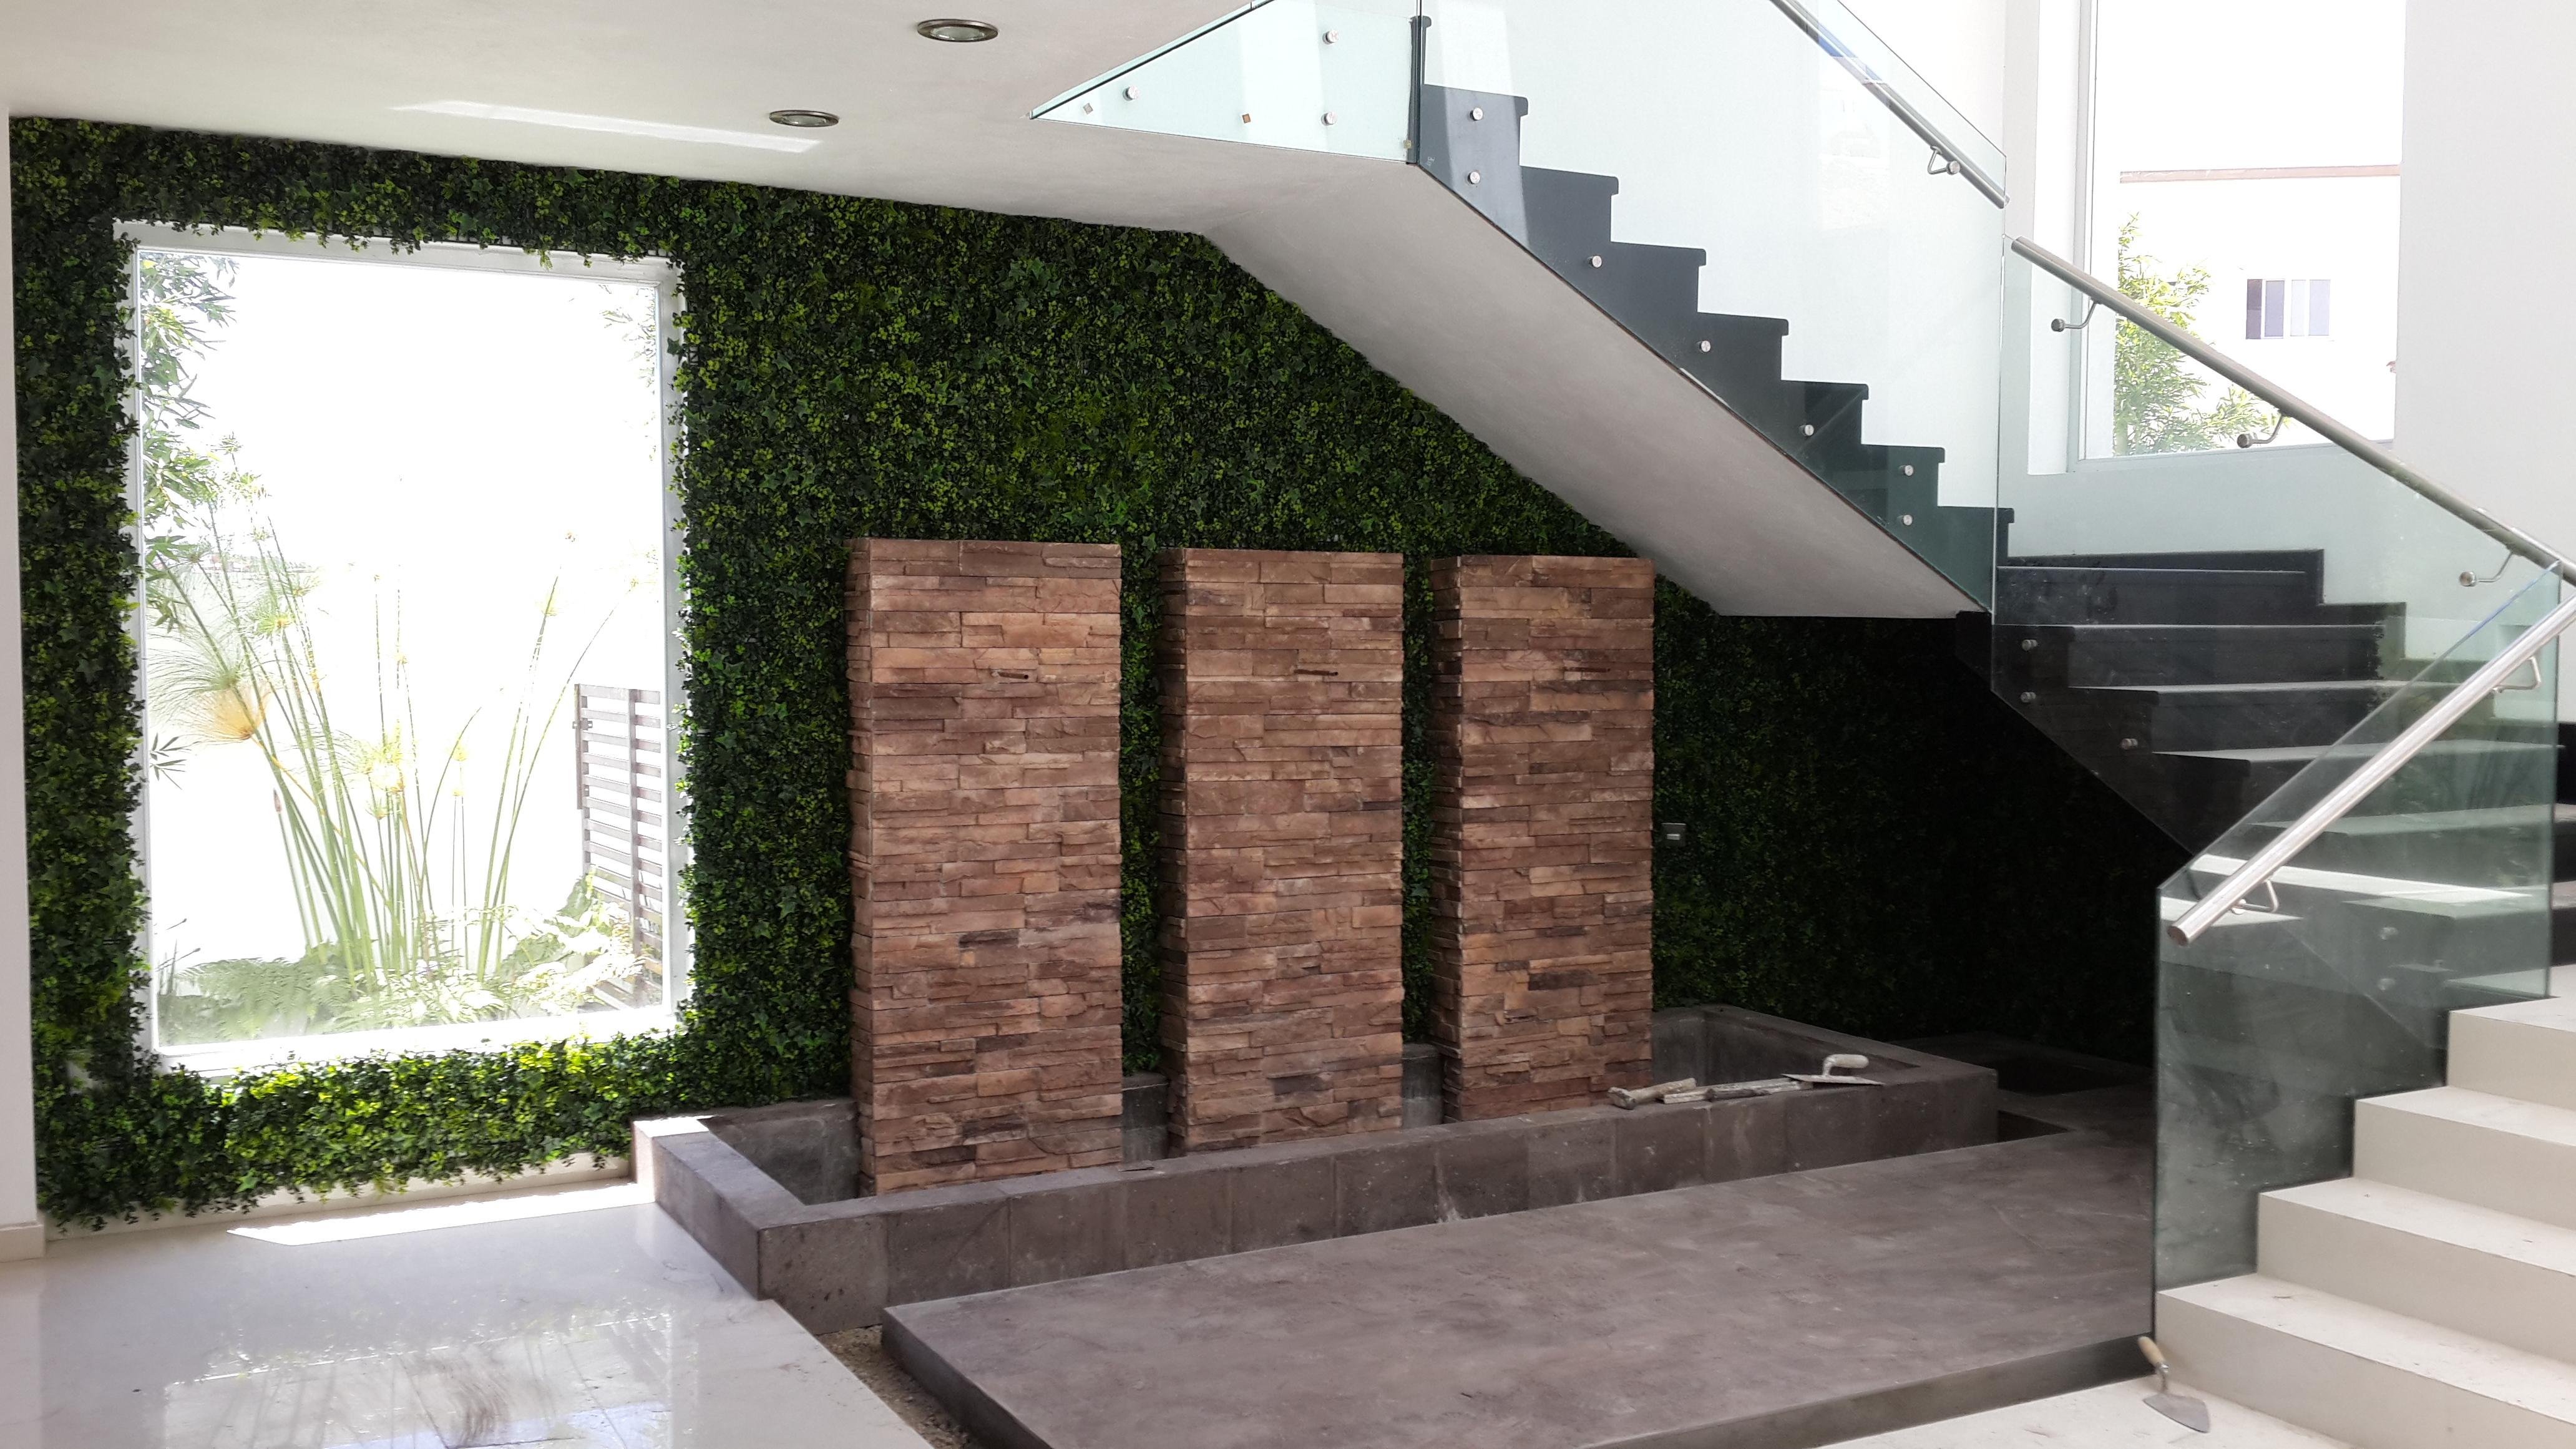 Portafolio greensmart p neles y muros decorativos de - Paneles decorativos exterior ...